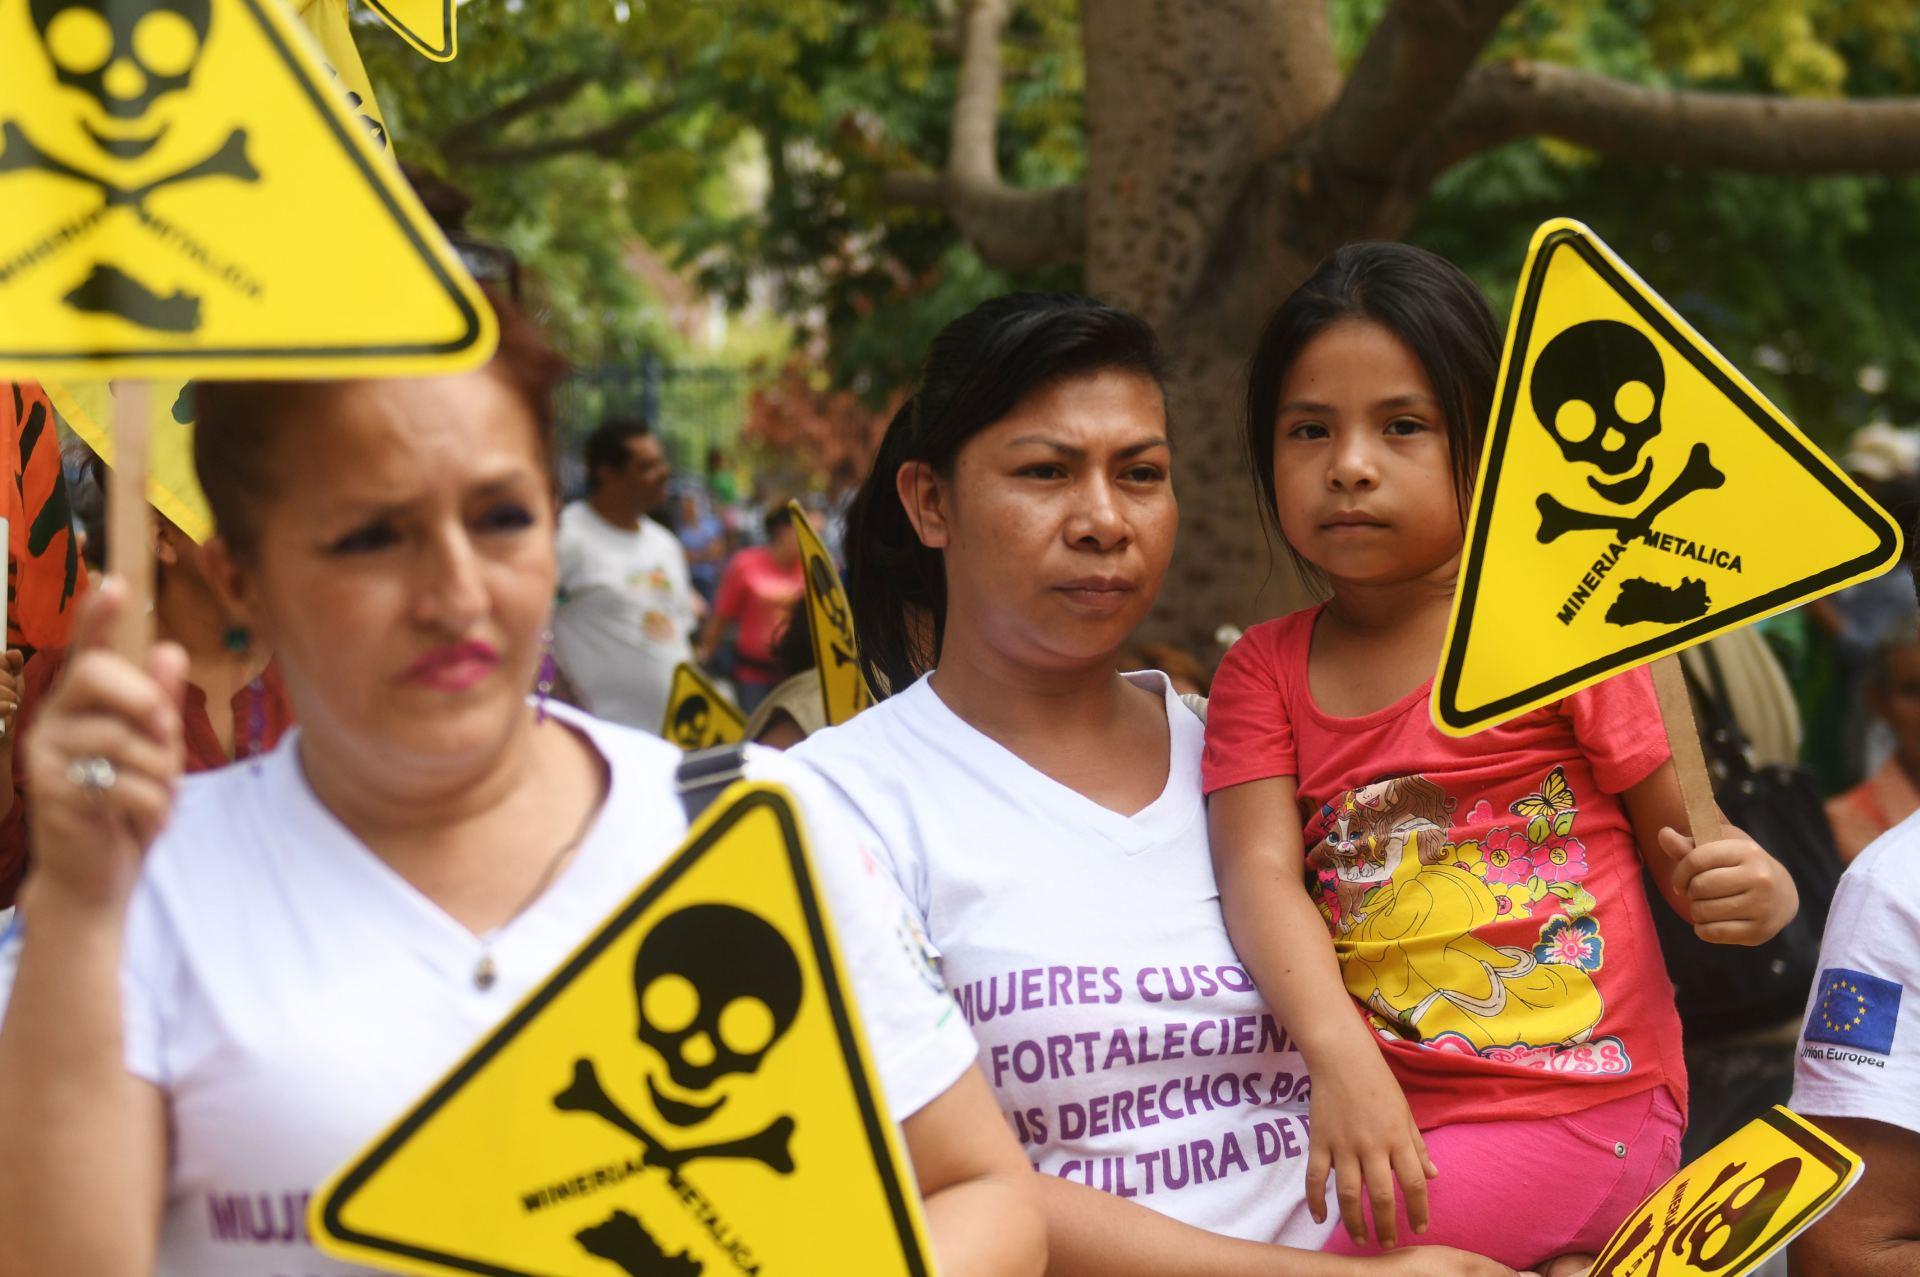 EL SALVADOR BANS MINING